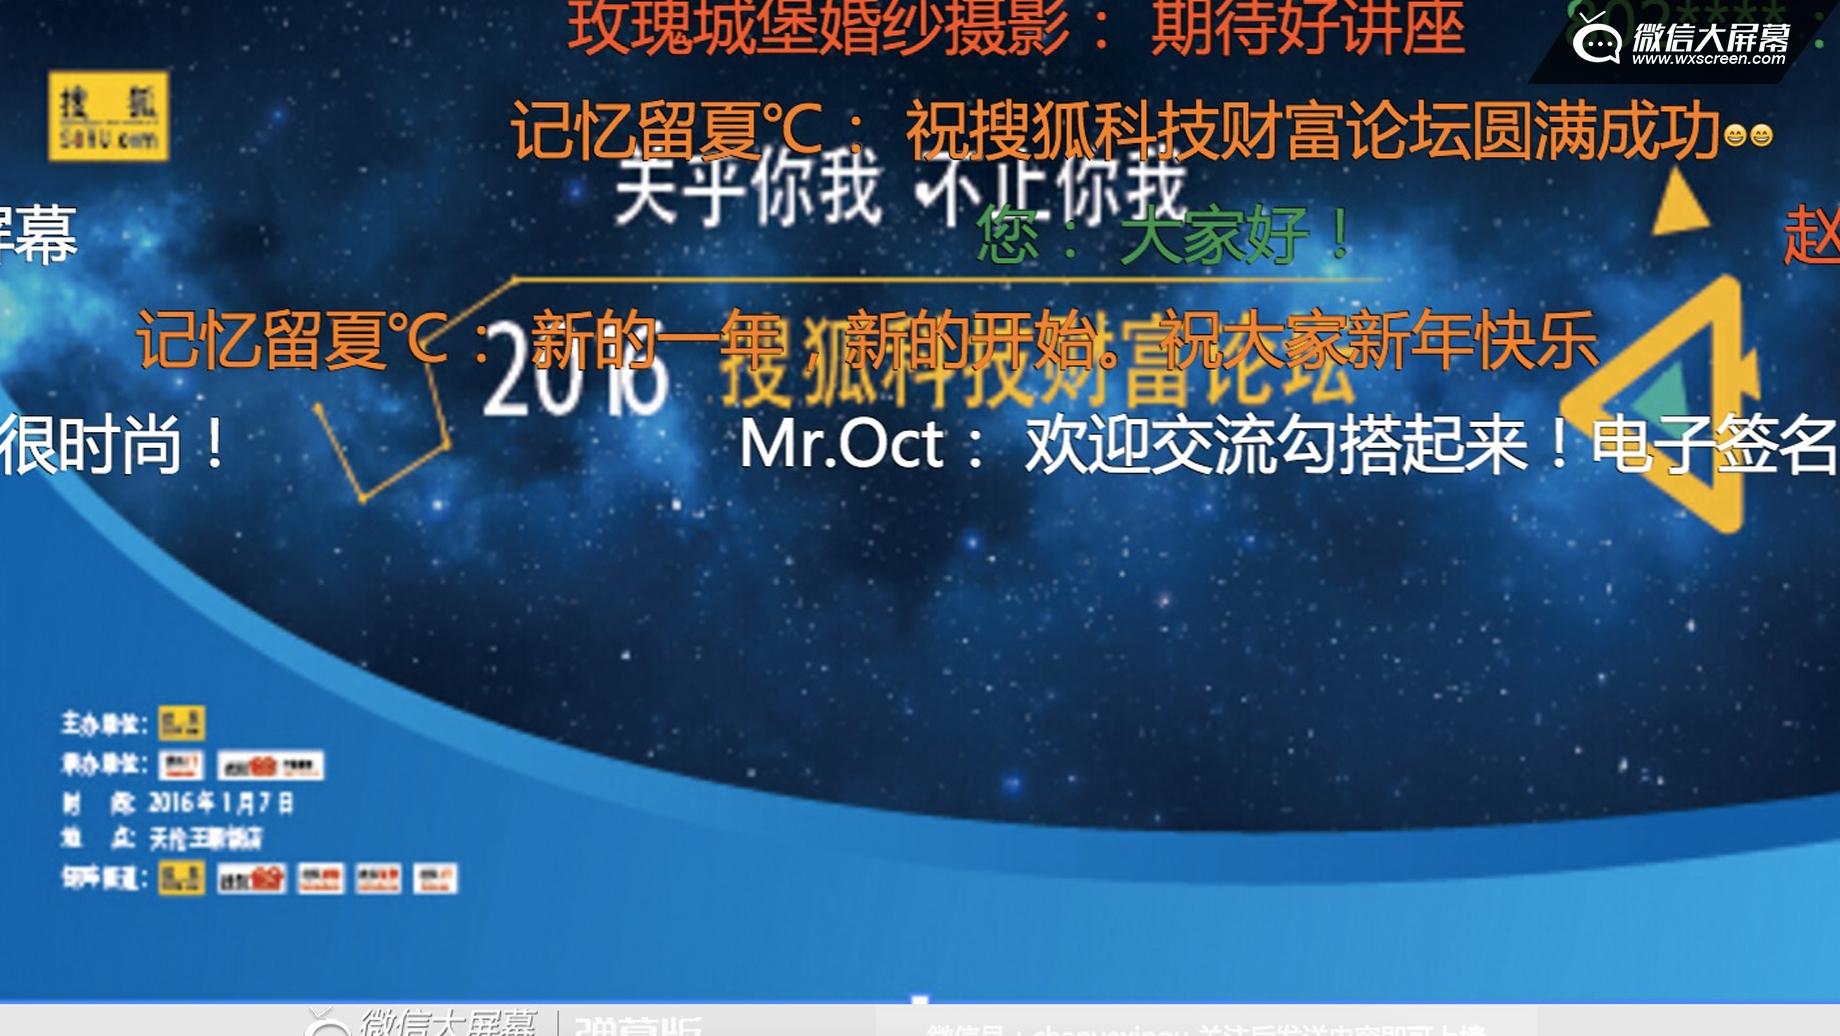 """趣现场-微信大屏幕再见搜狐论坛 这次我们聊聊""""共享经济"""""""